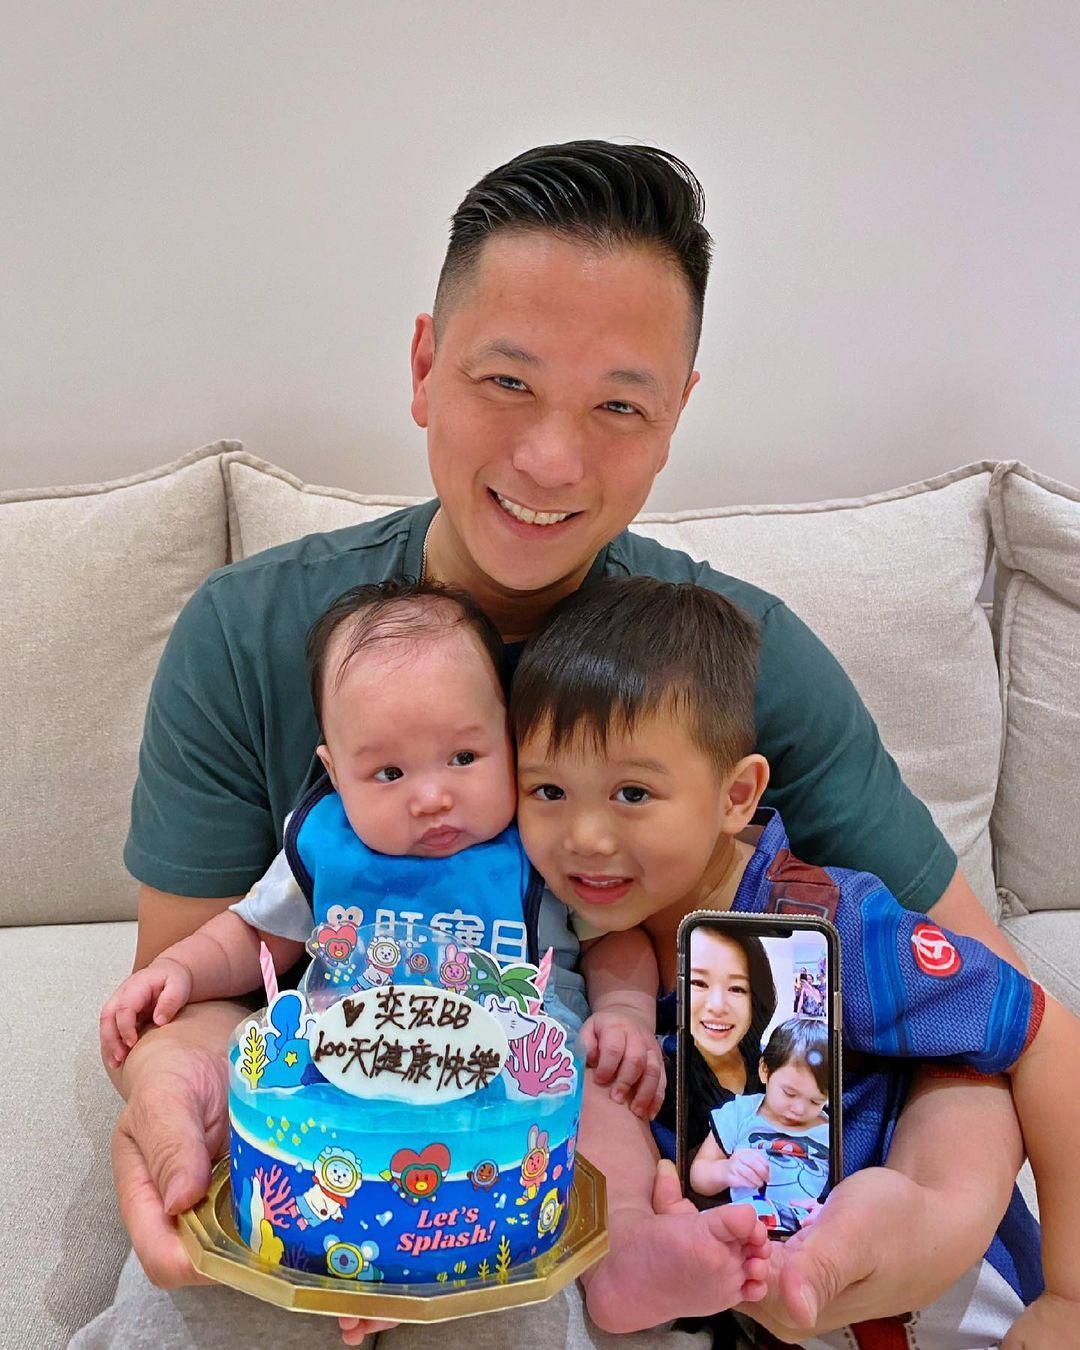 李乘德晒照为三胎儿子庆祝百日,胡杏儿隔空出镜,奕宏神态像奕霆